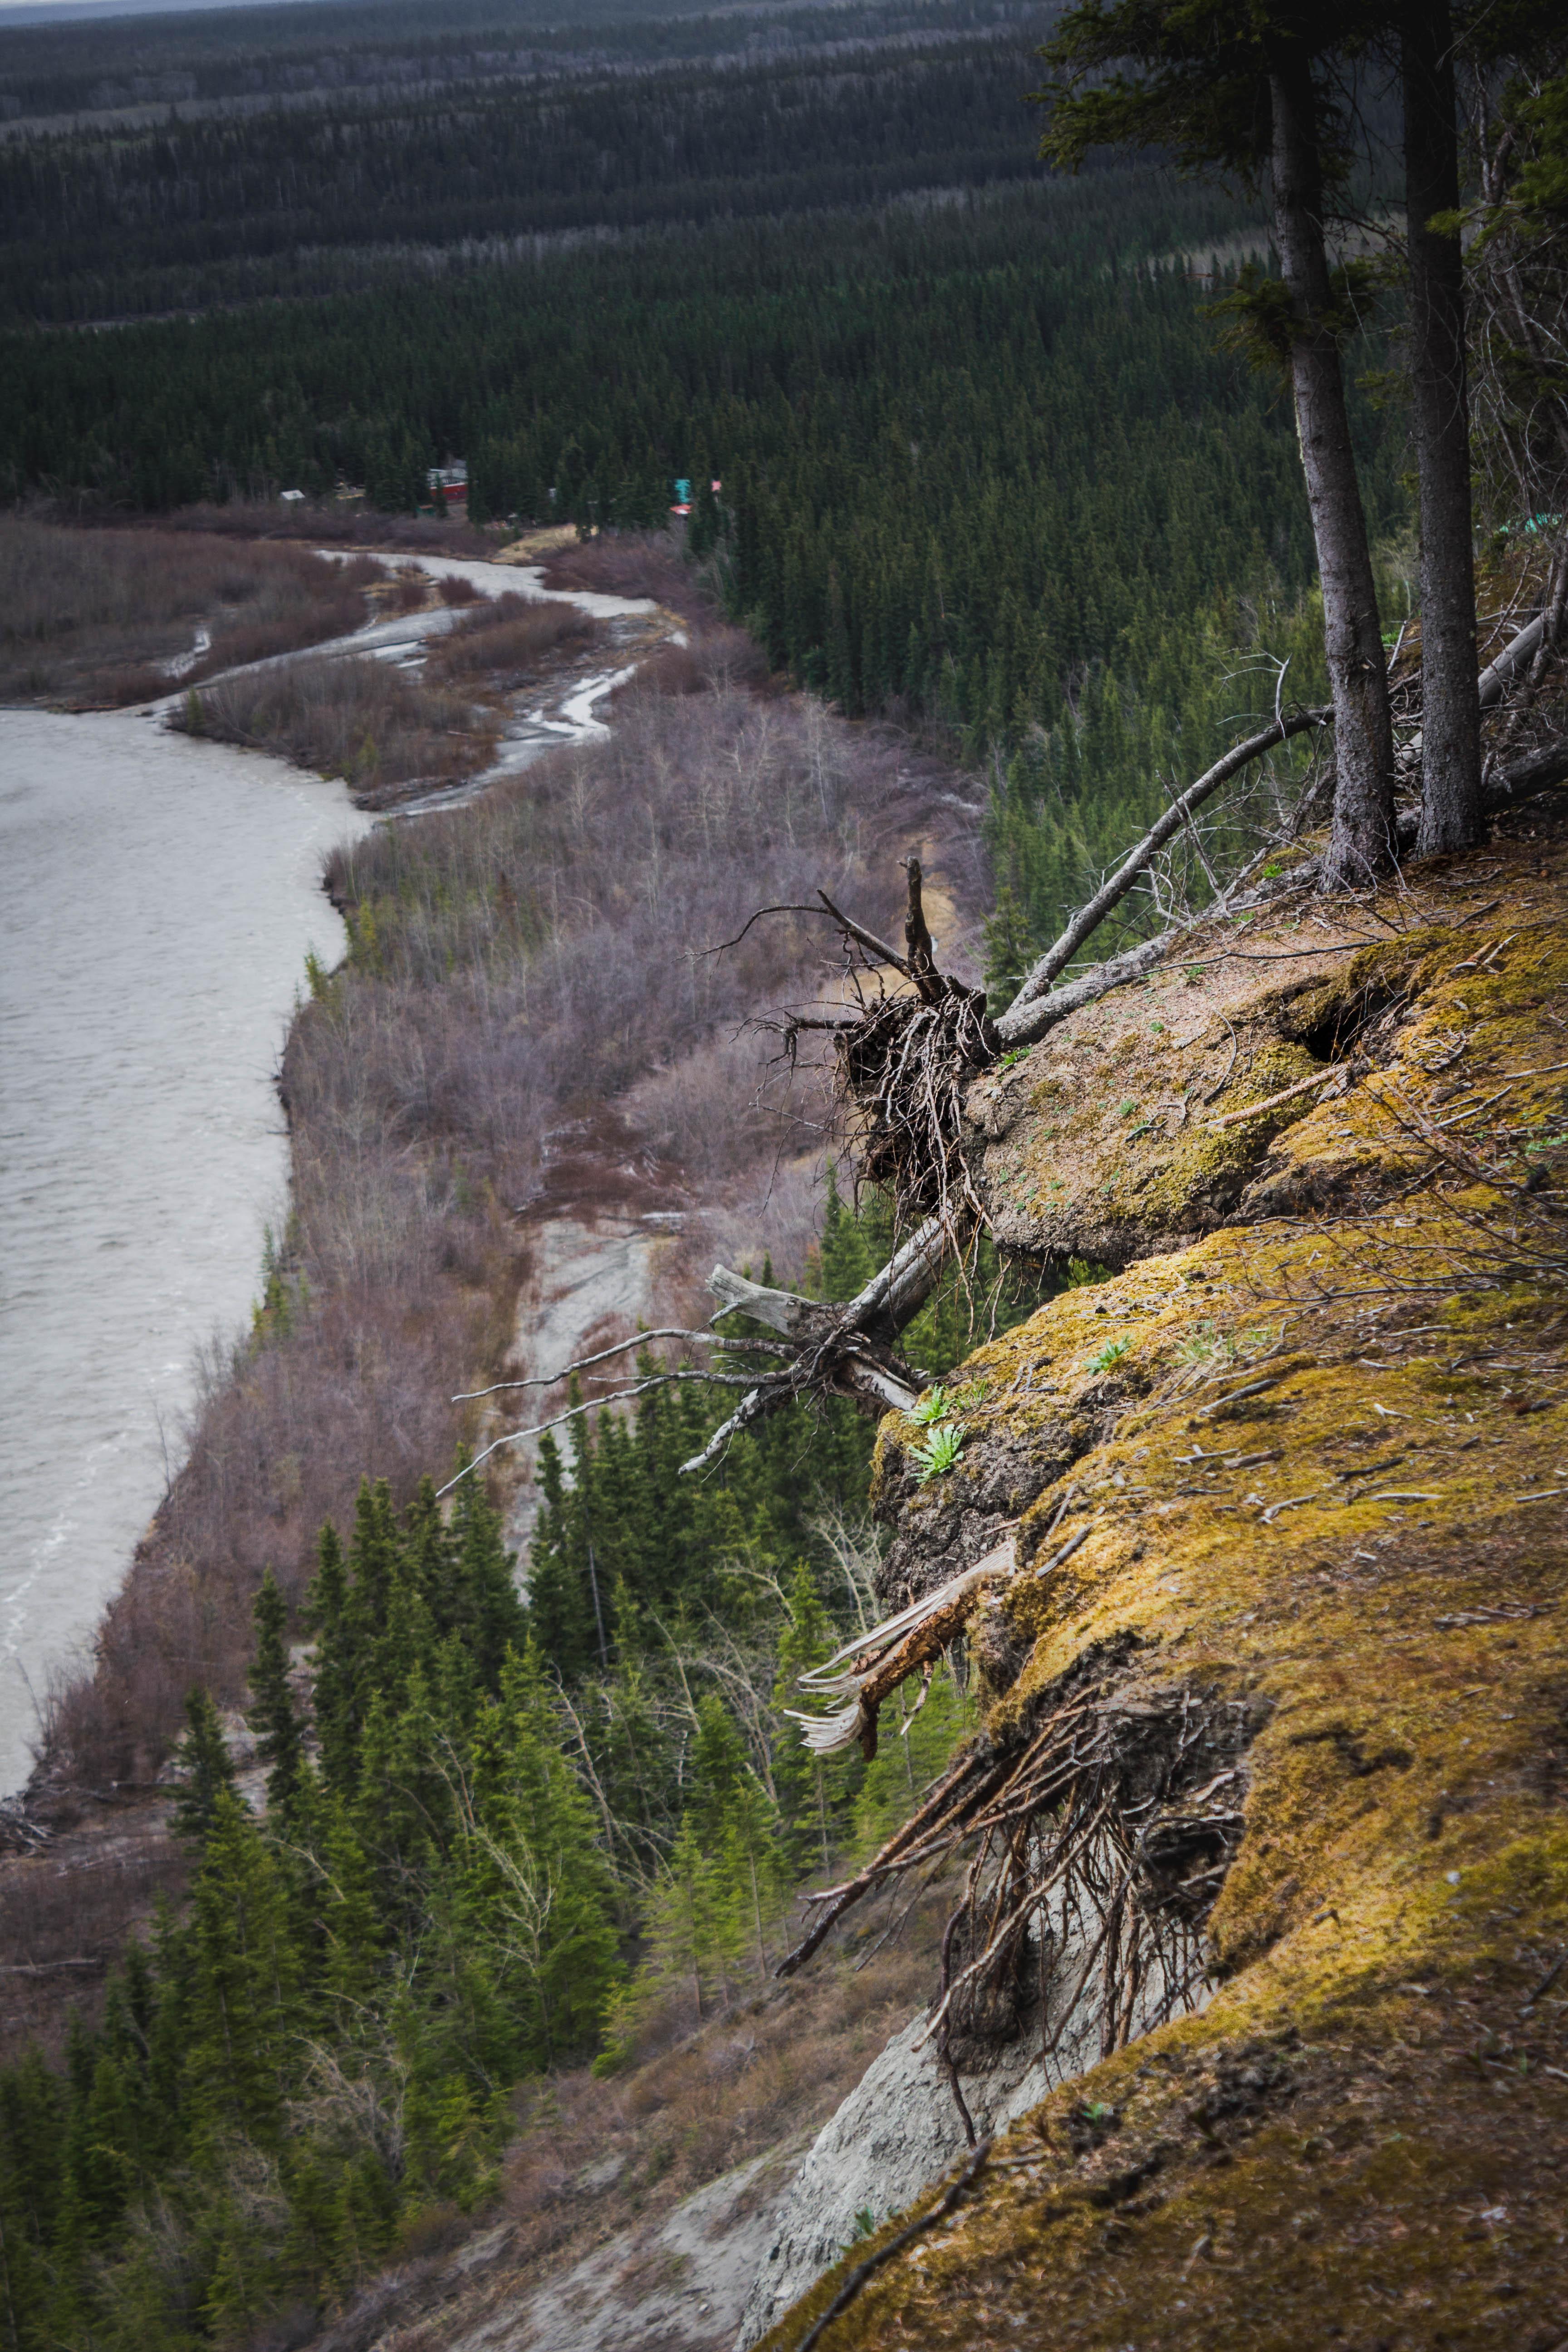 Travel Alaska from Boiled Wheat Blog by Kristen McSorley